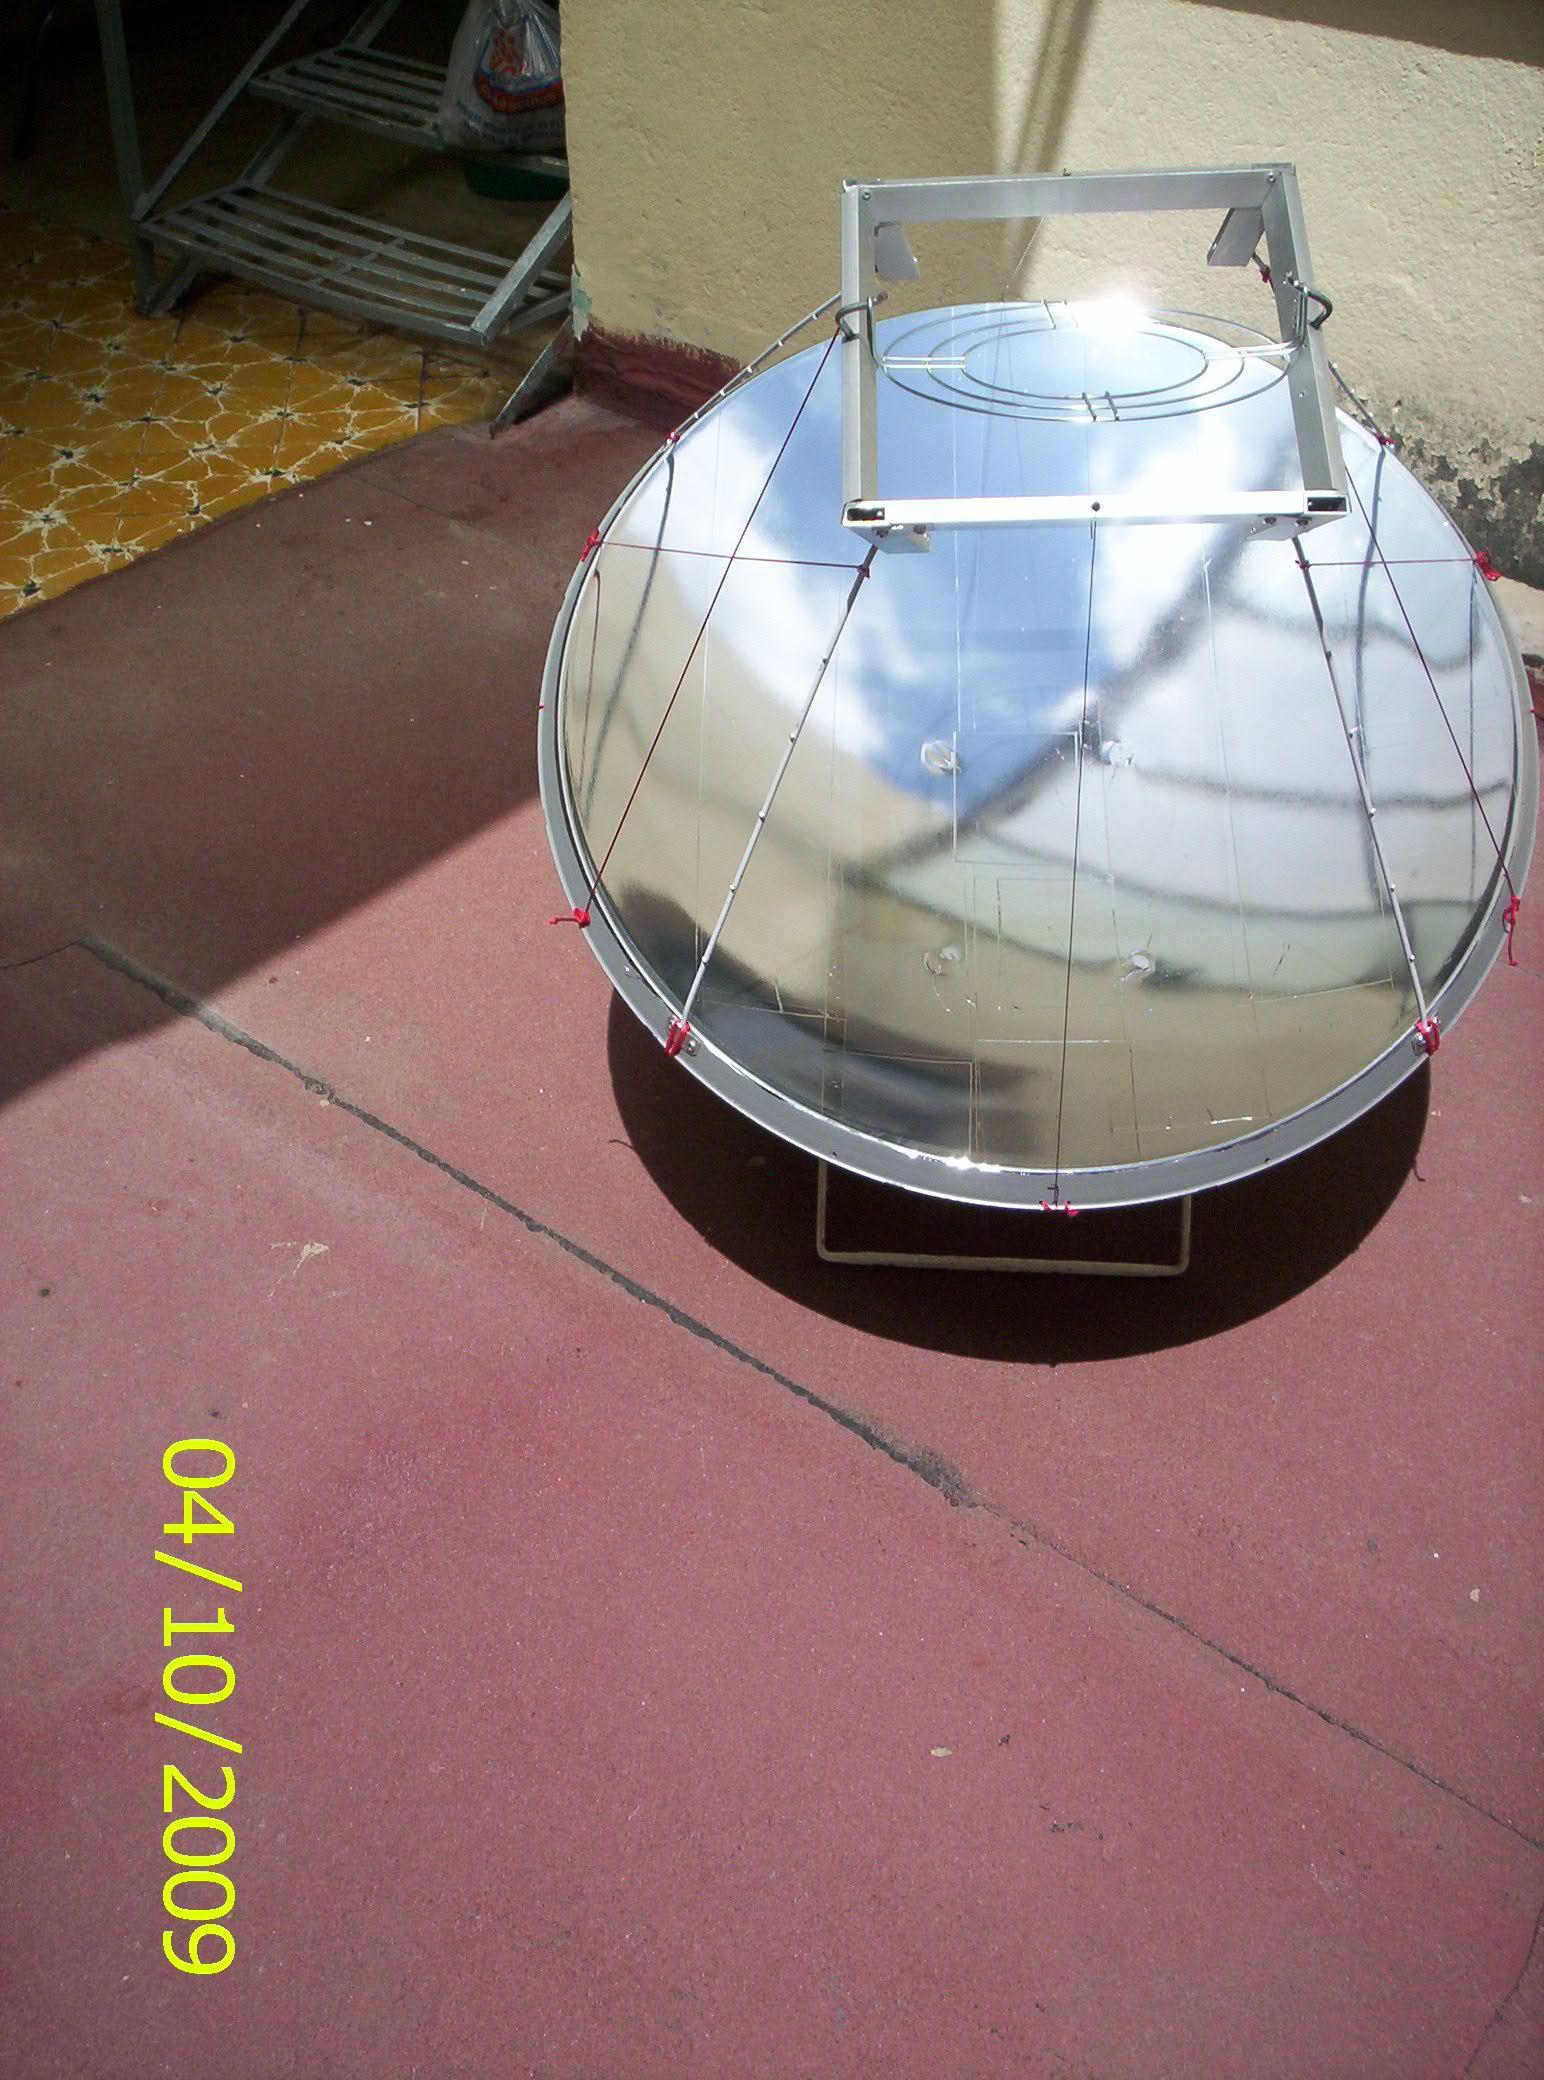 Construcción de una cocina solar parabólica con una antena de TV ...